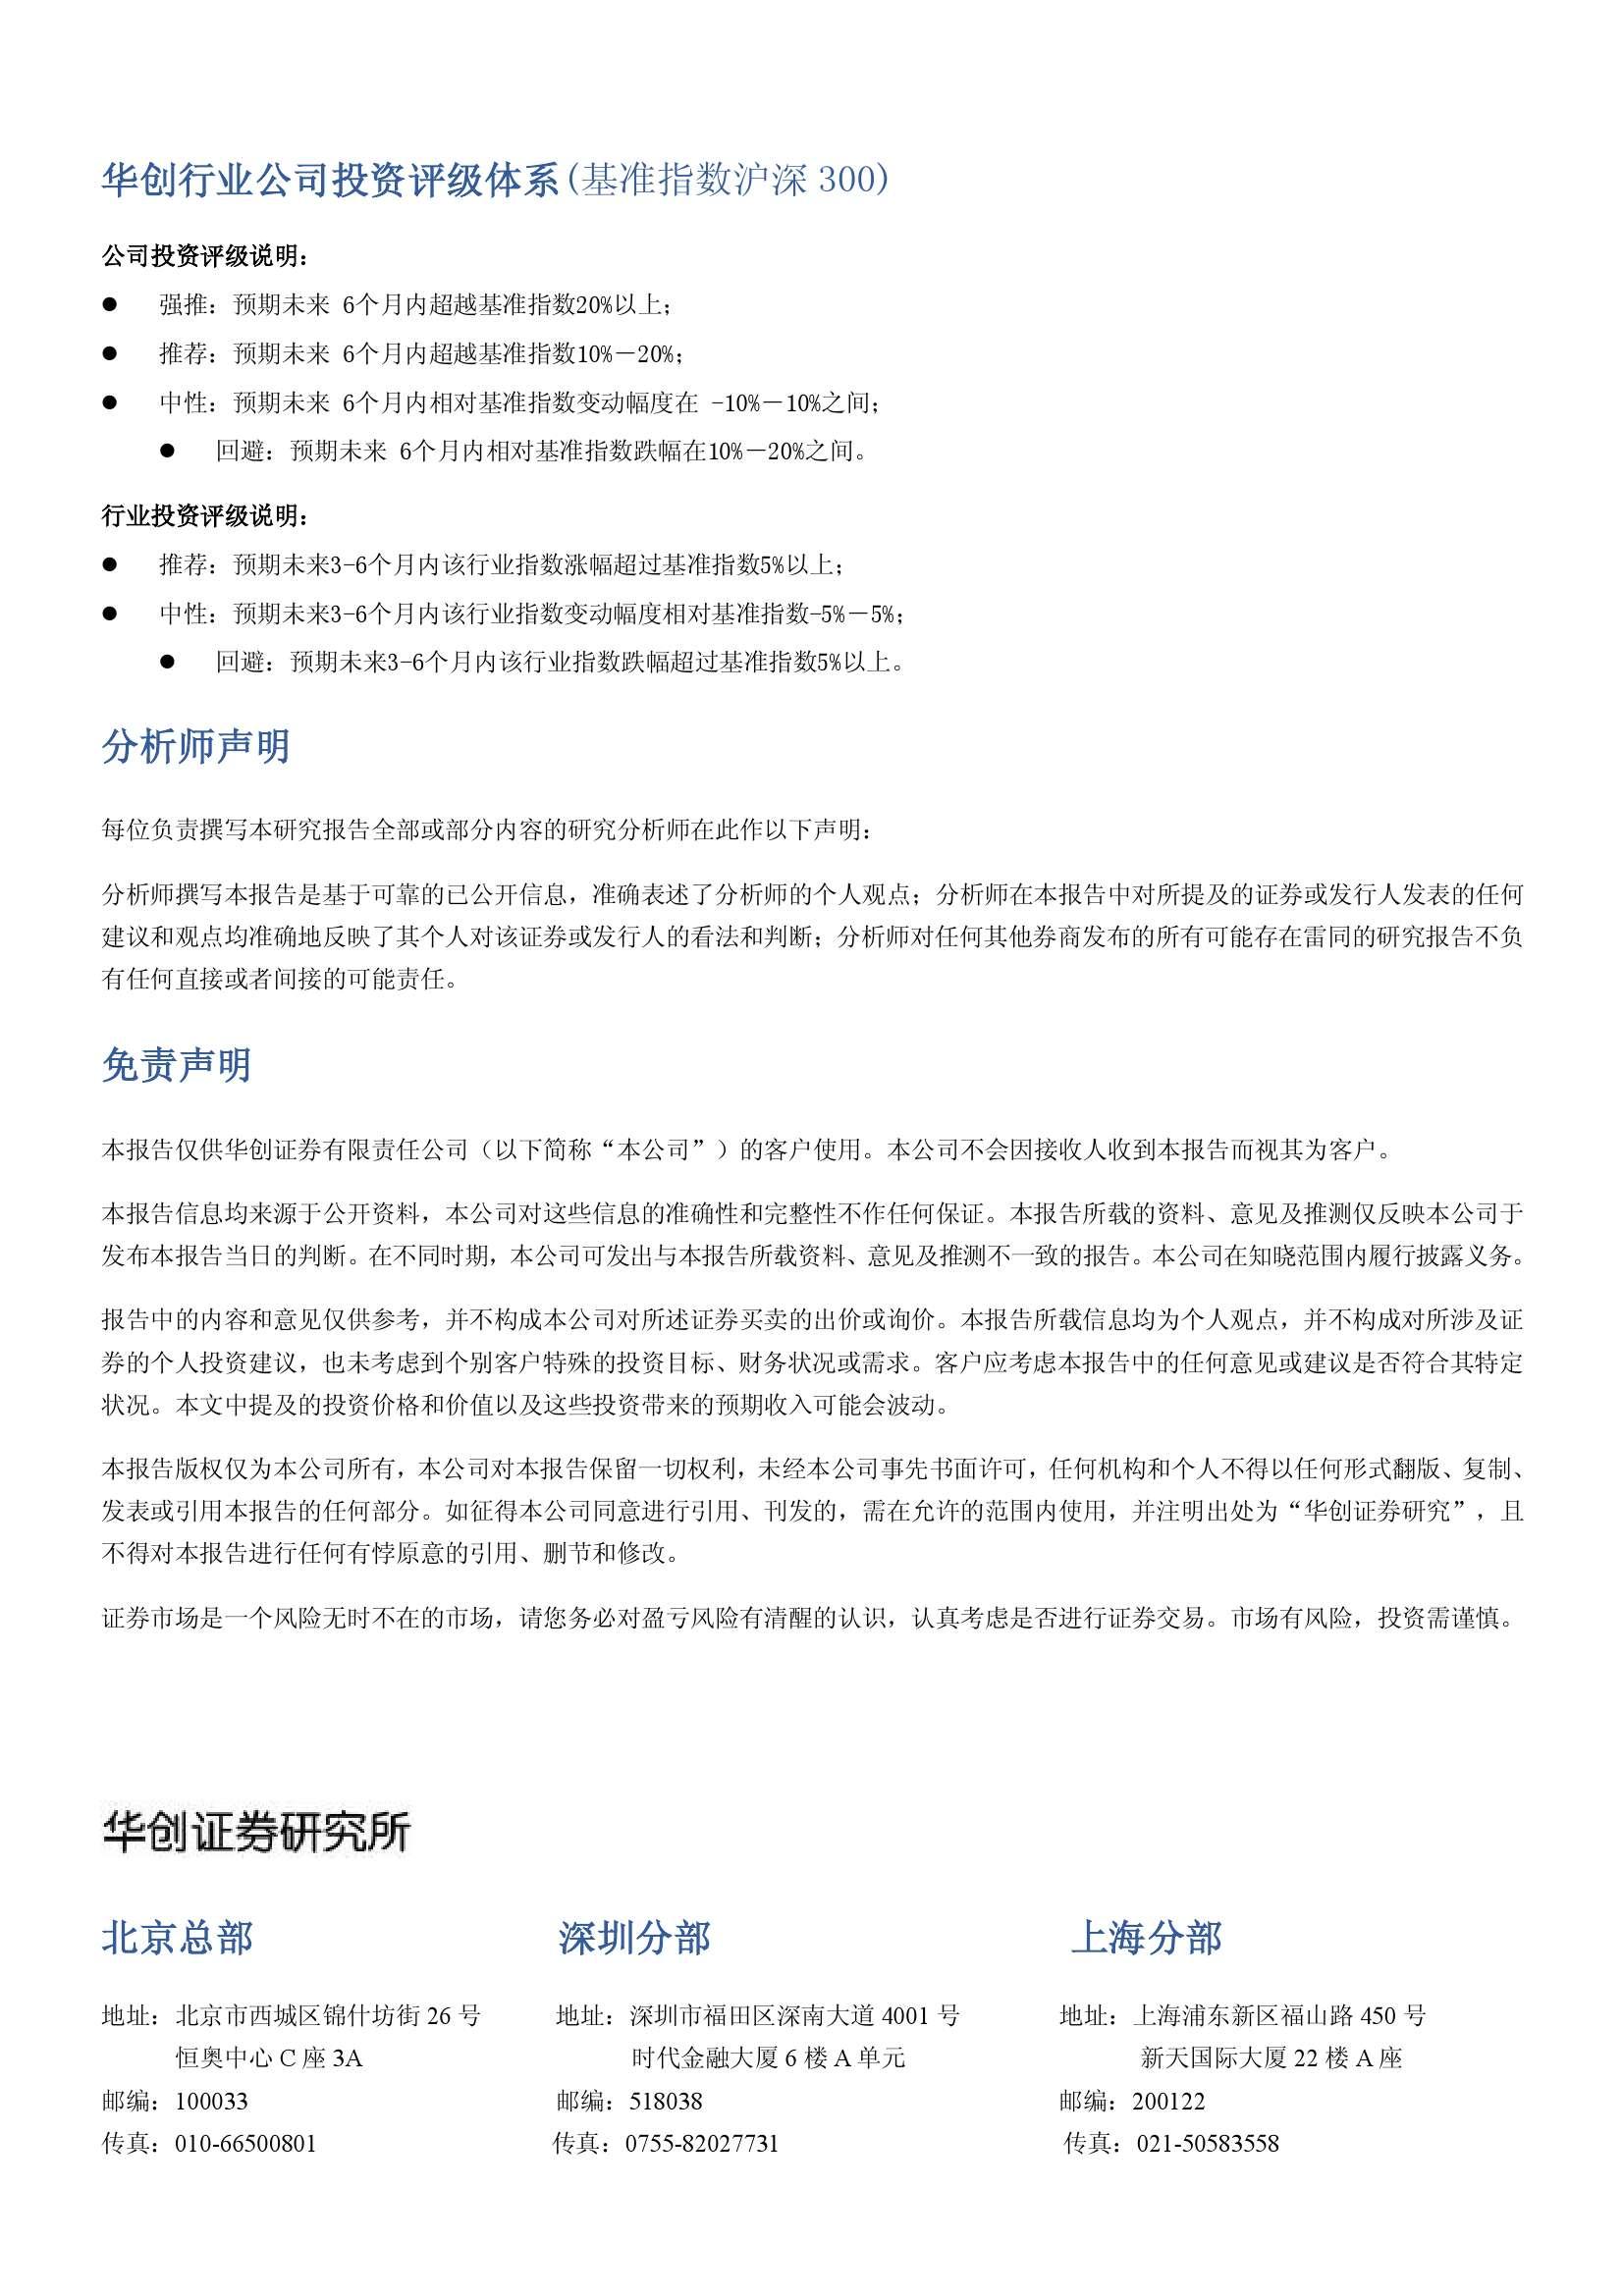 电子竞技深度报告:从小众娱乐 到千亿产业_000036